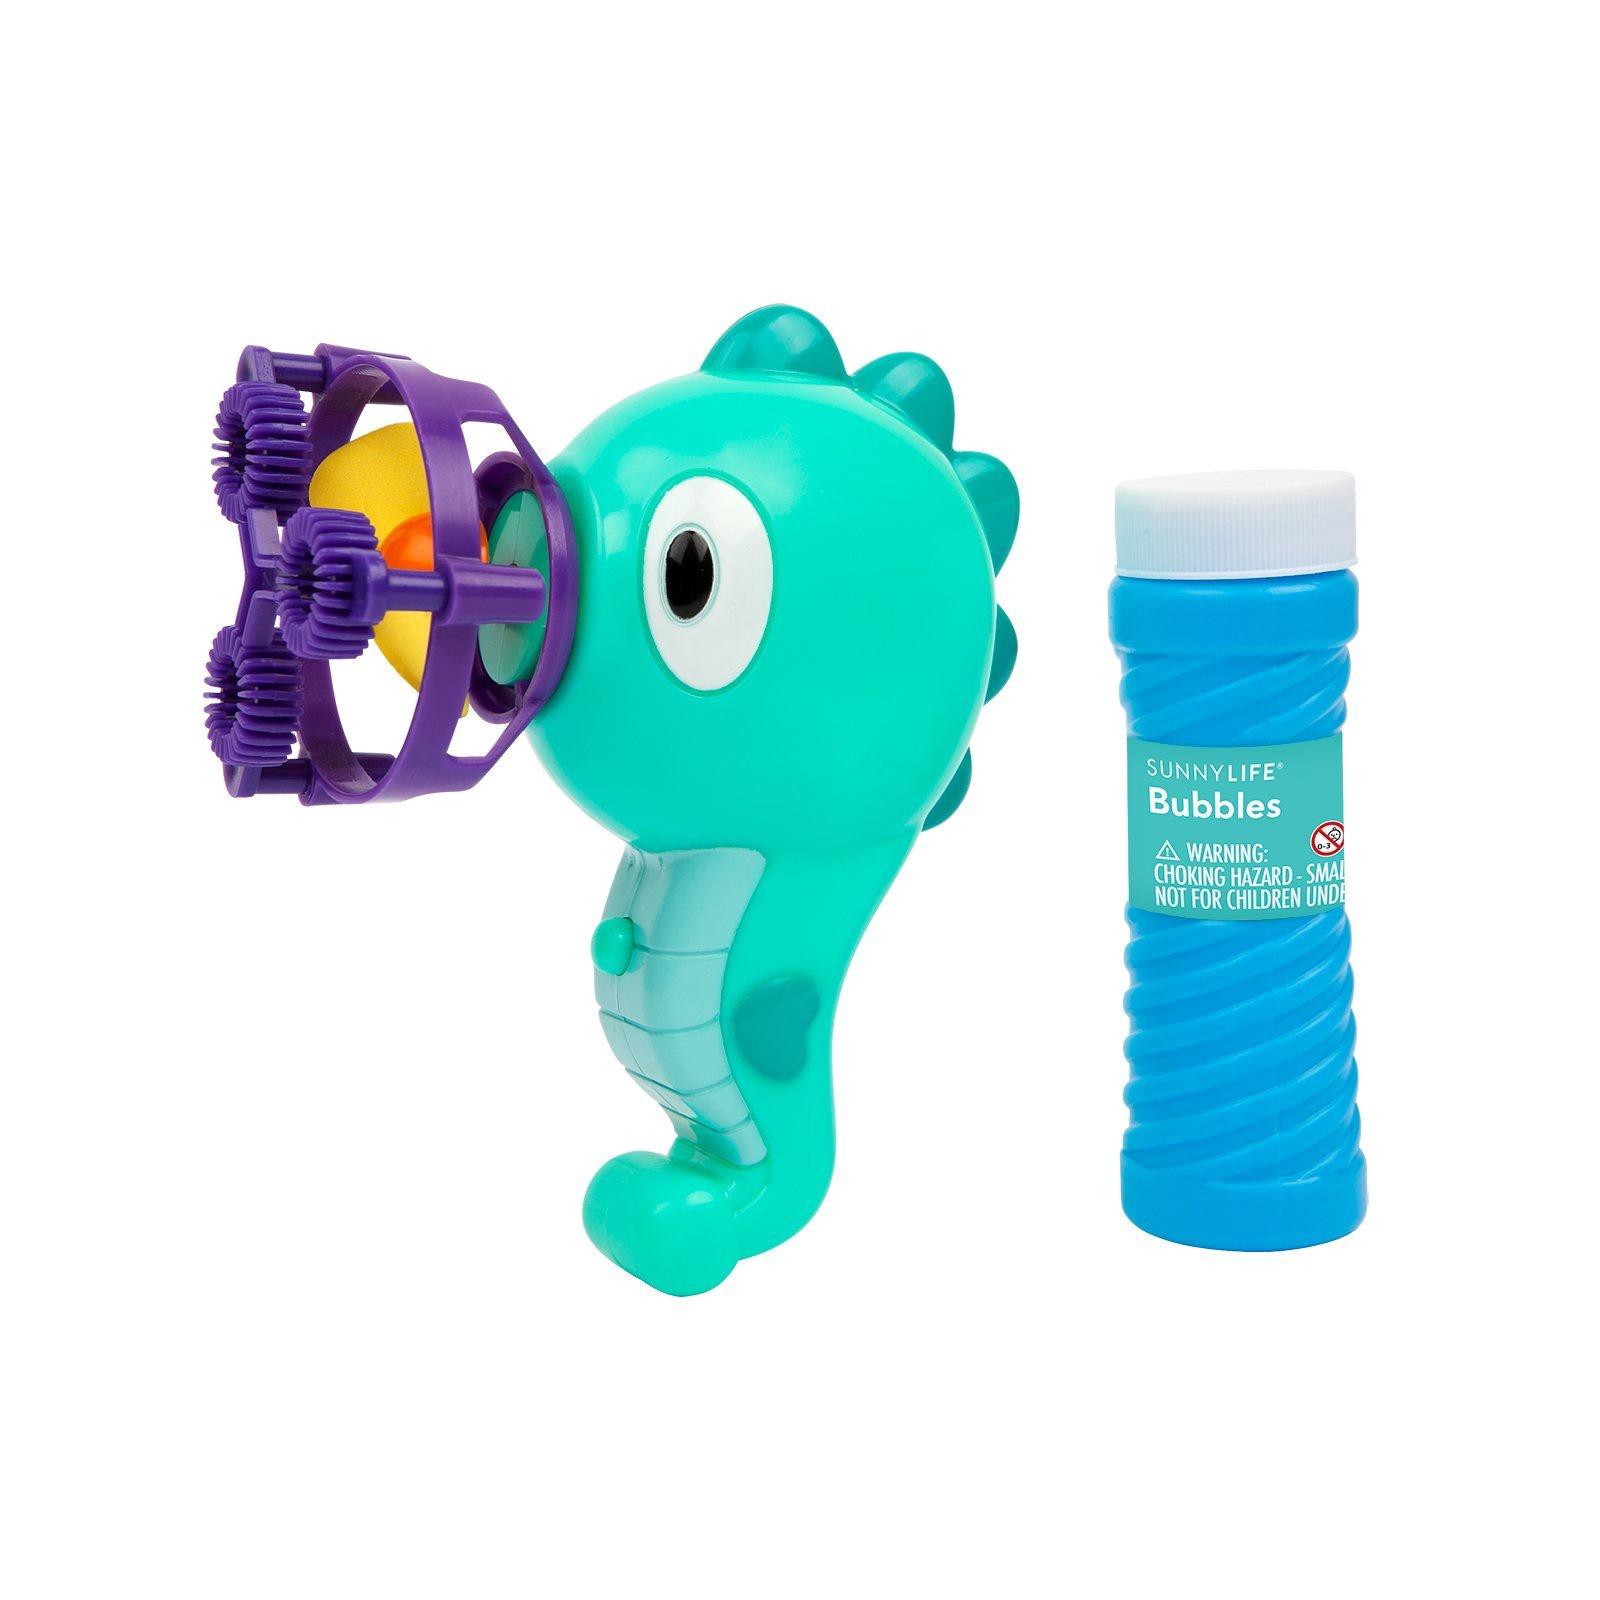 Sunny Life Small Animal Bubbles Seahorse